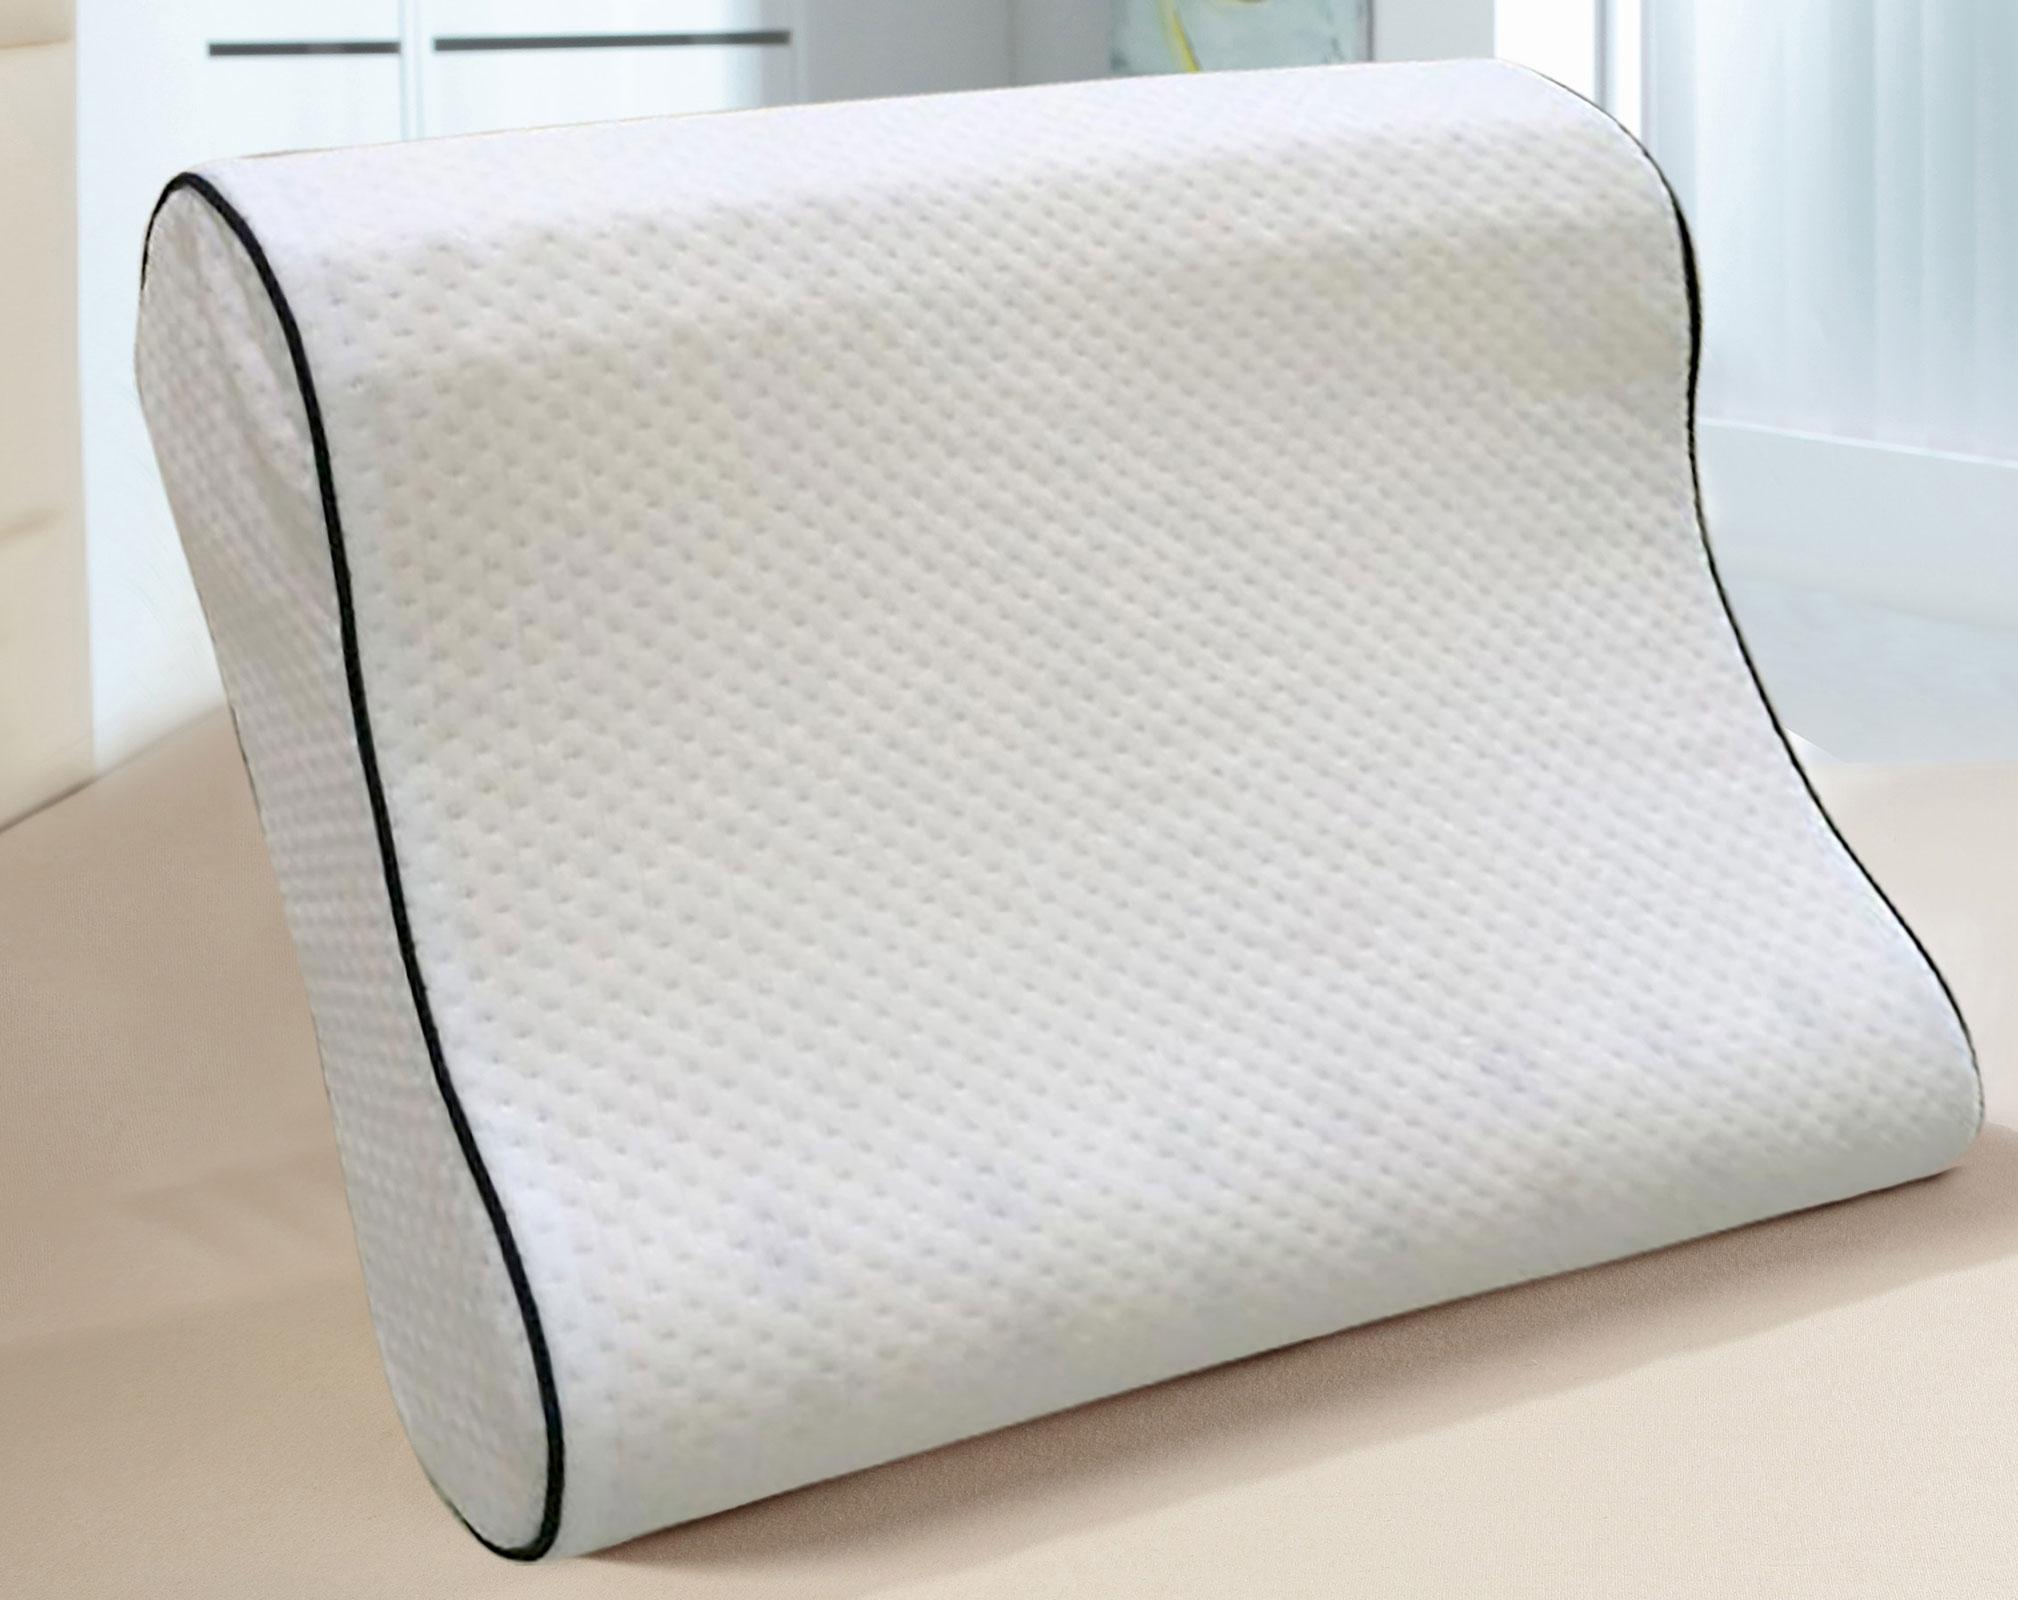 Bettdecken und Kopfkissen - Visco Nackenstützkissen Kopfkissen 50x37x12 auf Wolken von KBT  - Onlineshop PremiumShop321